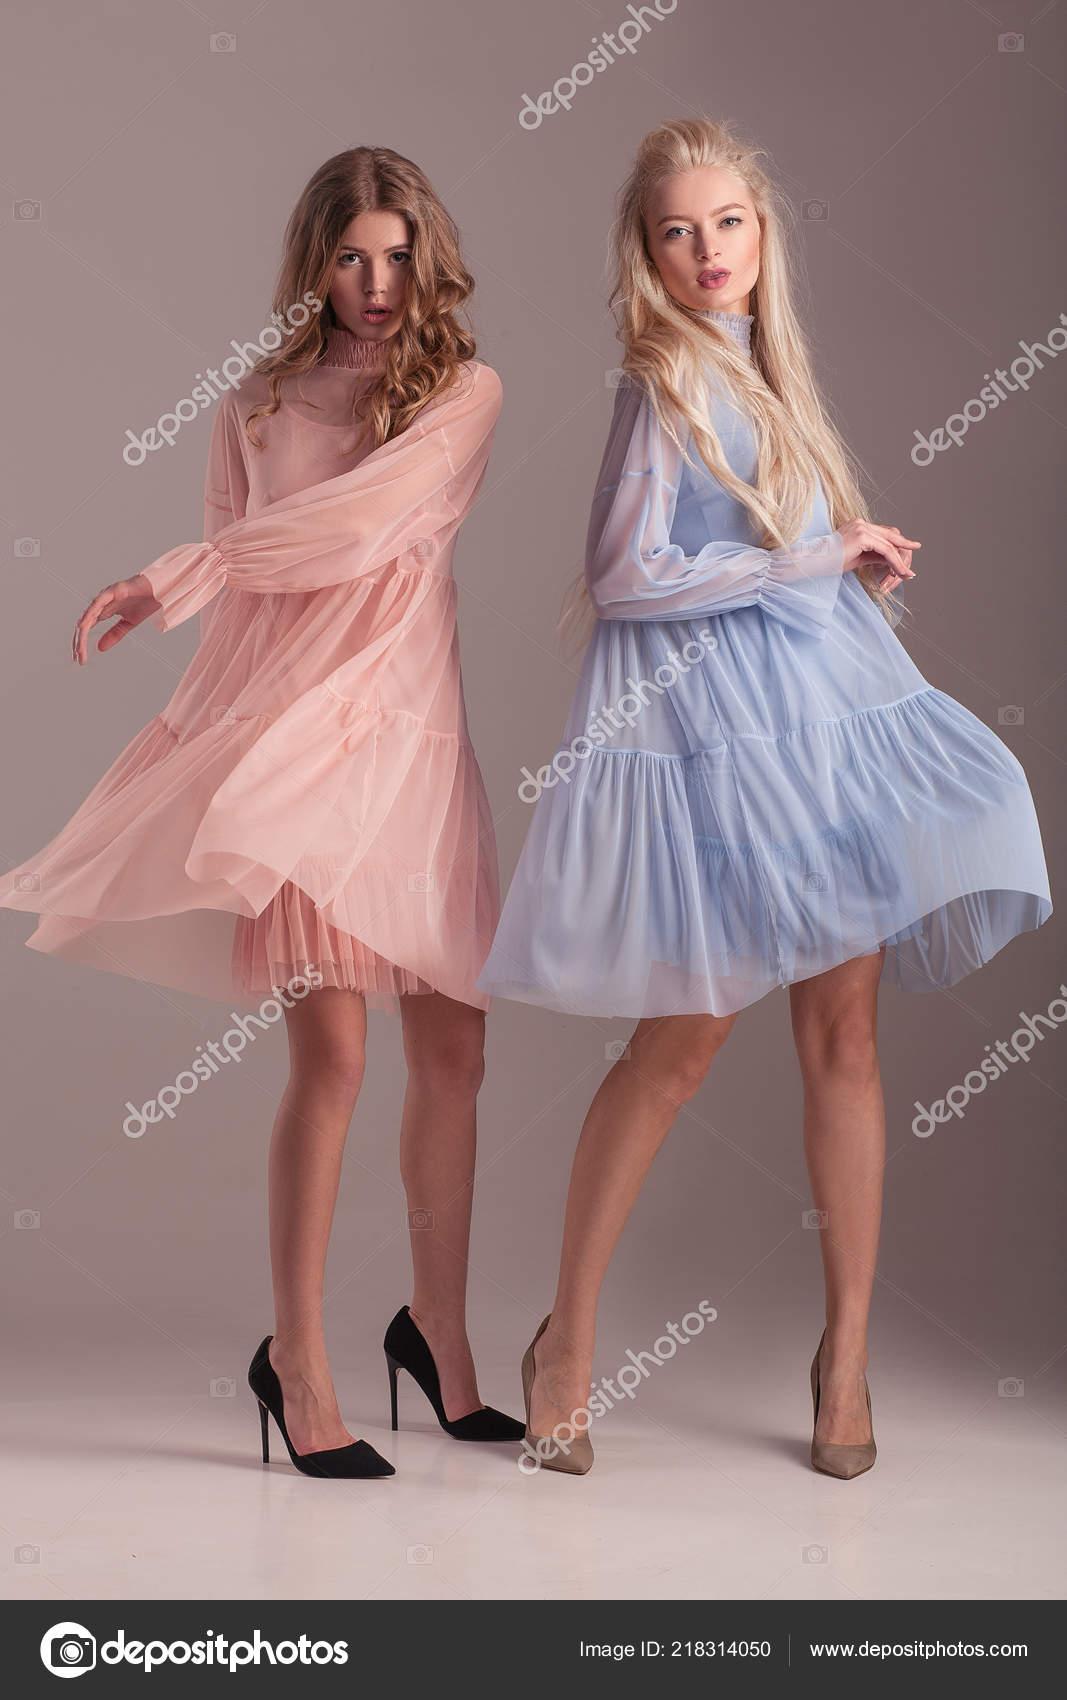 Dvě Blond Modely Průhledné Modré Růžové Šaty Jehlové Podpatky Které ... 71e07c8a60